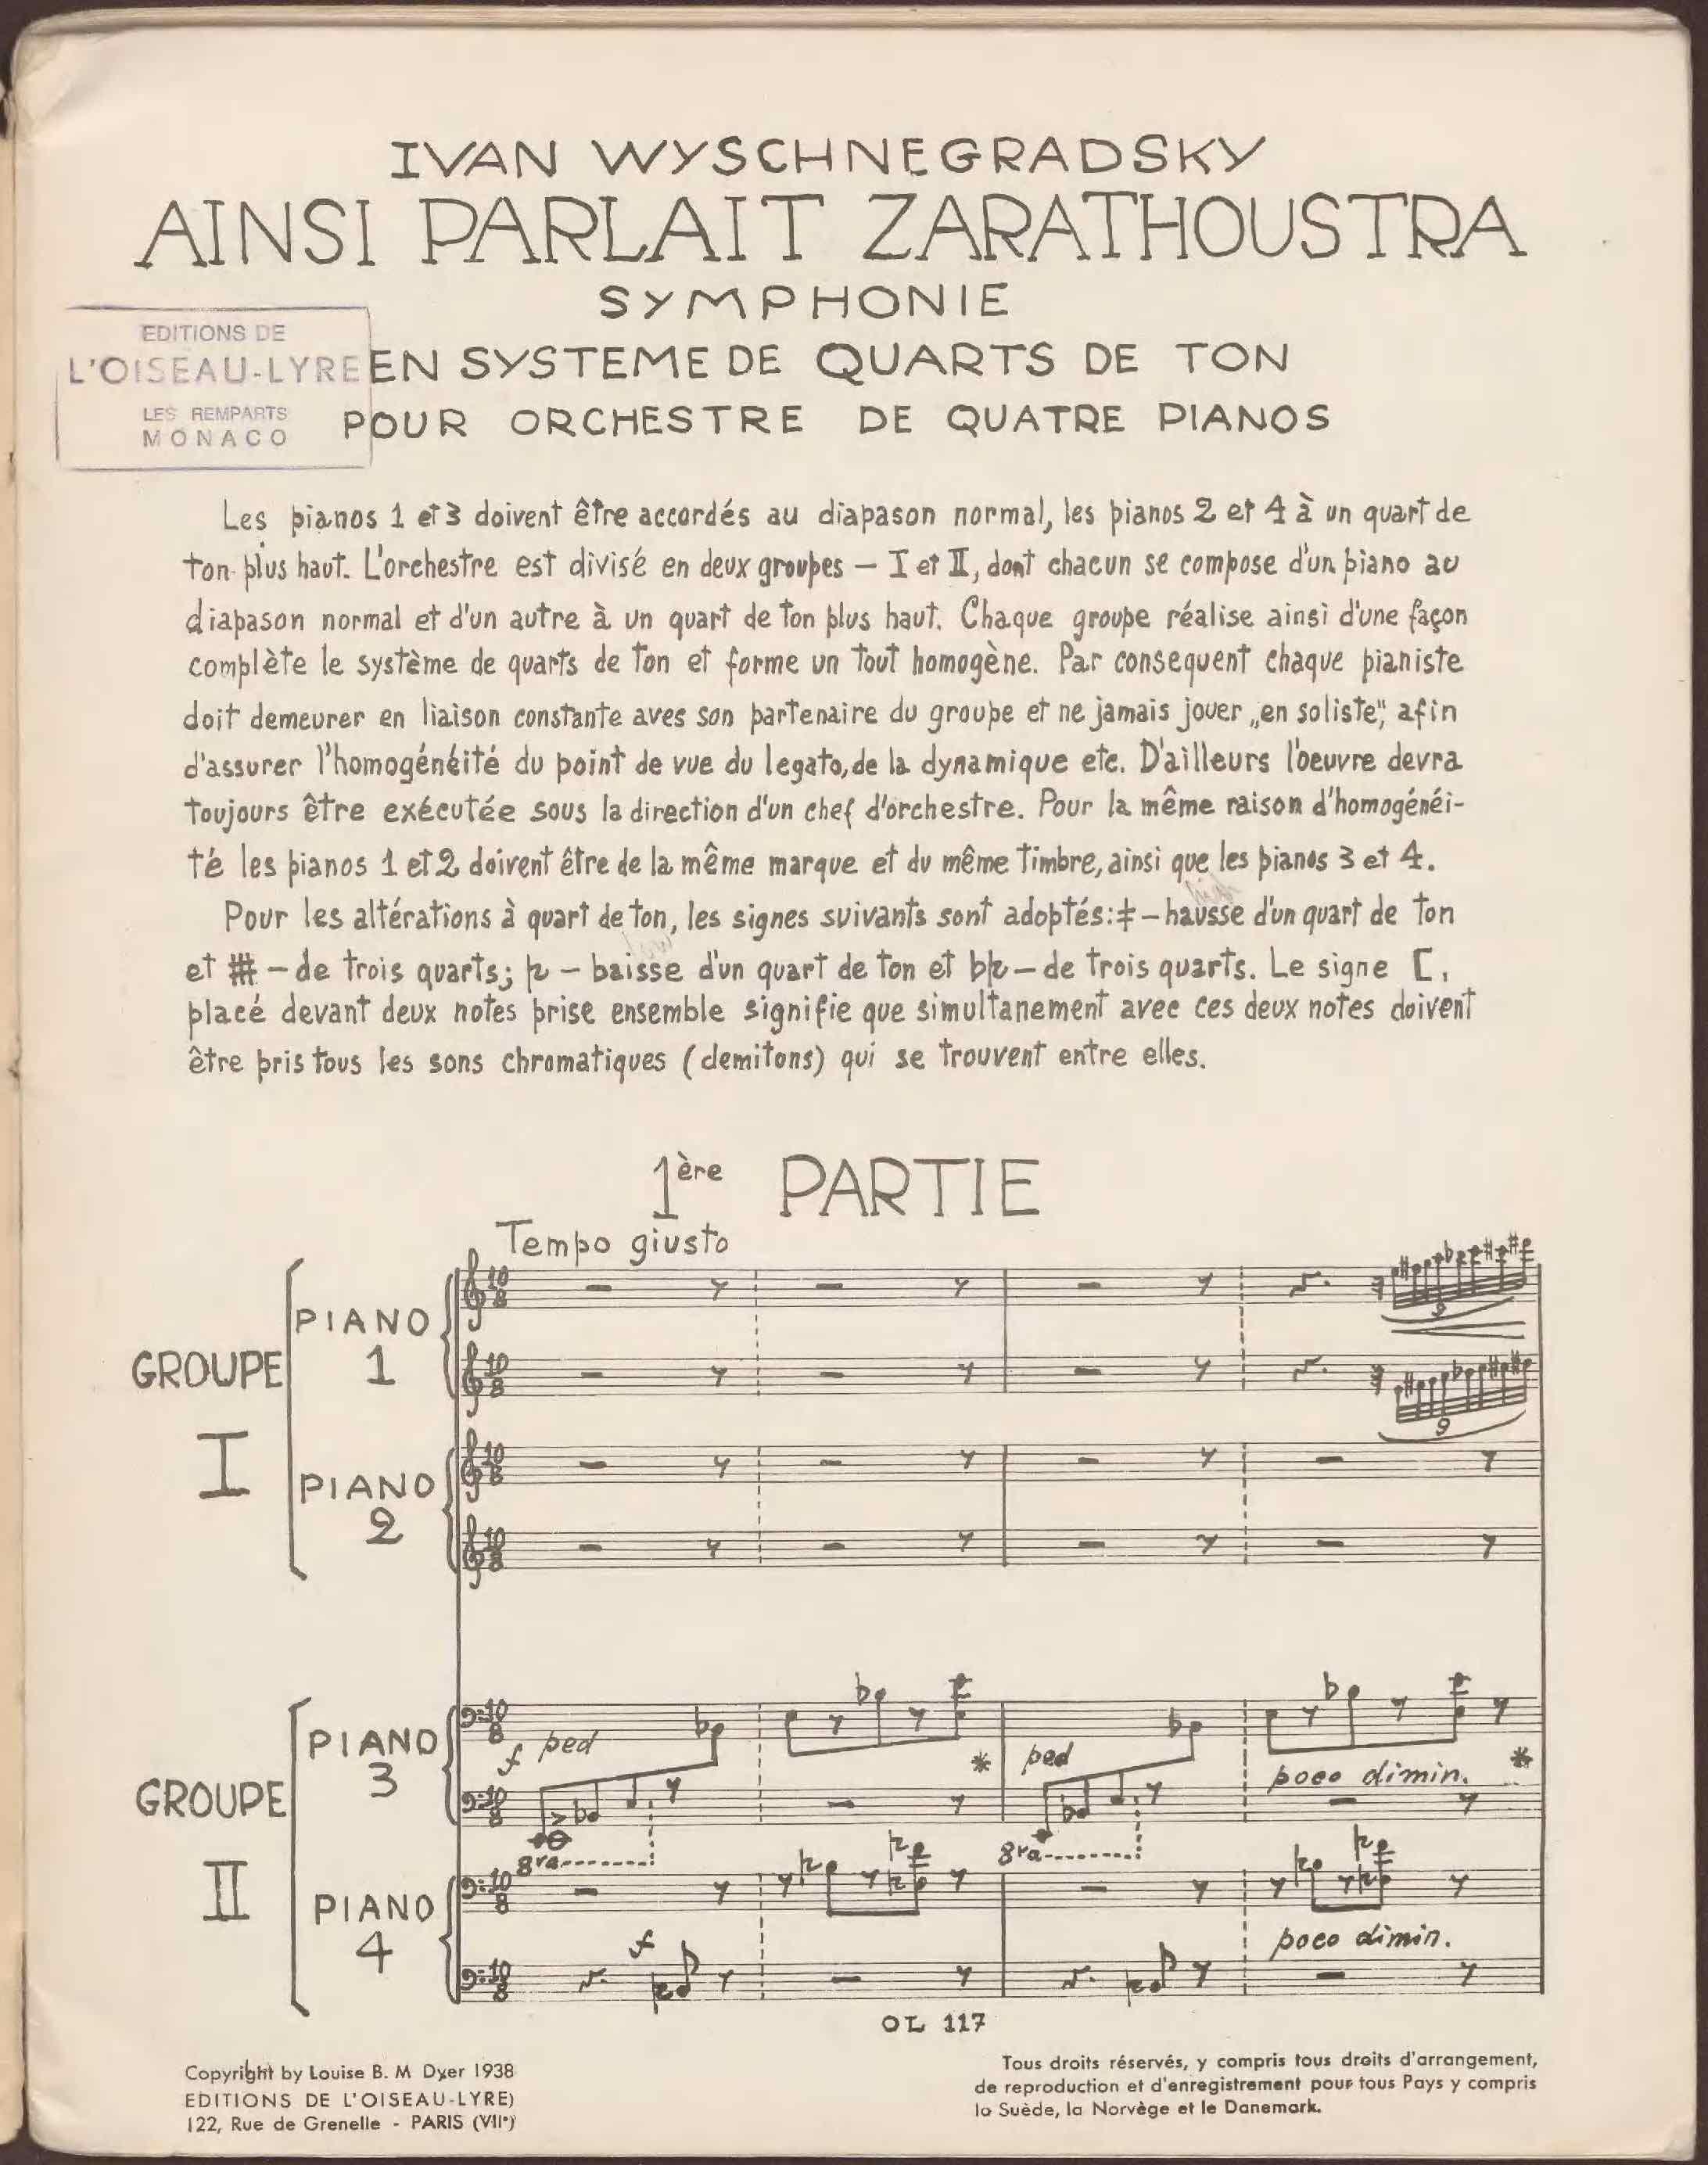 UniM Bail Music  RB  EOLA MU224 <br> Ivan Wyschnegradsky, composer ; Louise Hanson-Dyer, publisher <br> Ainsi parlait Zarathoustra: symphonie en système de quarts de ton  <br> Paris , 1938 <br> Editions de l'Oiseau-Lyre archive